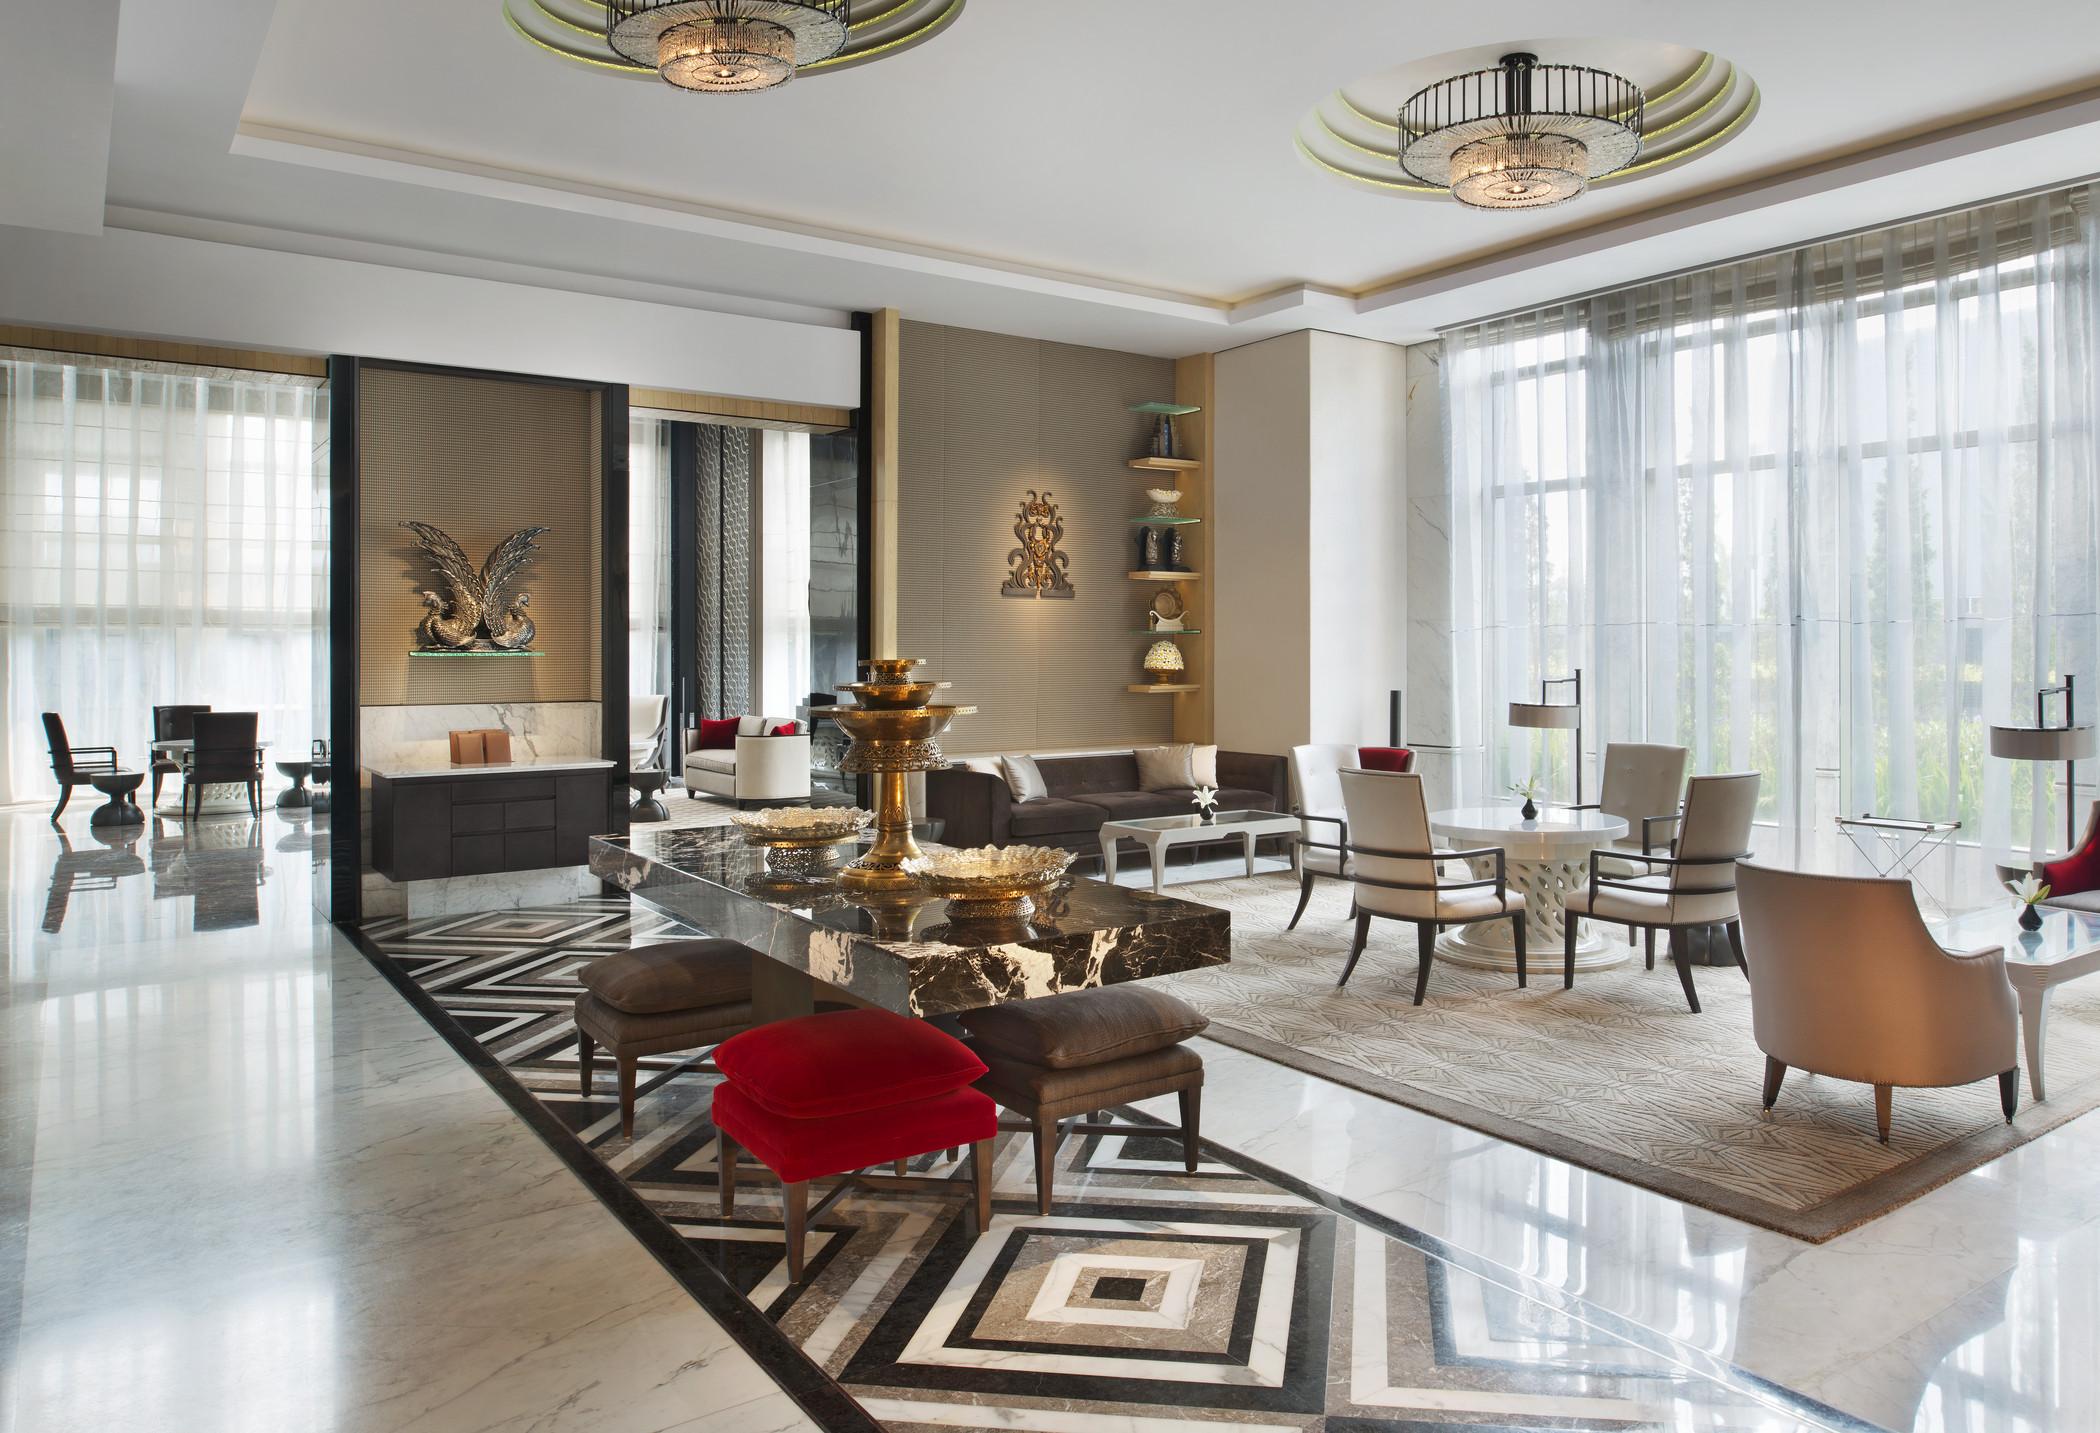 Suasana Keraton Lounge yang mirip ruang tamu di rumah.